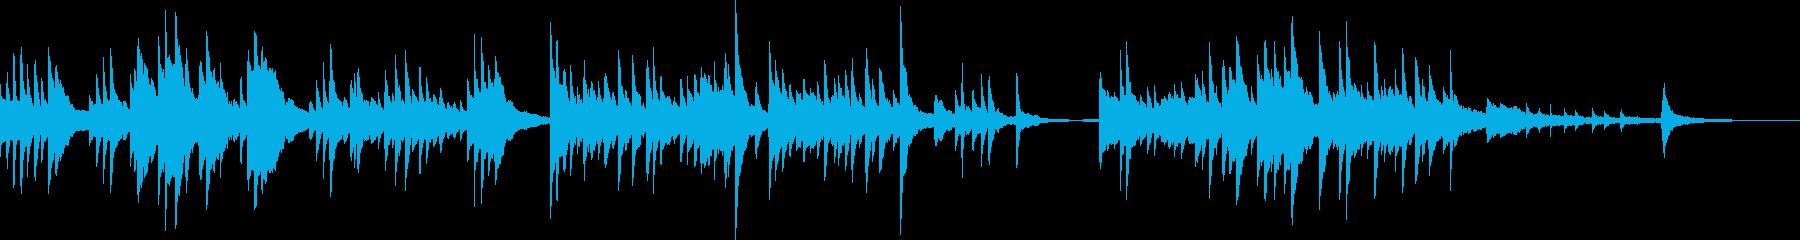 ゆったりとした旋律が印象的なピアノ曲の再生済みの波形